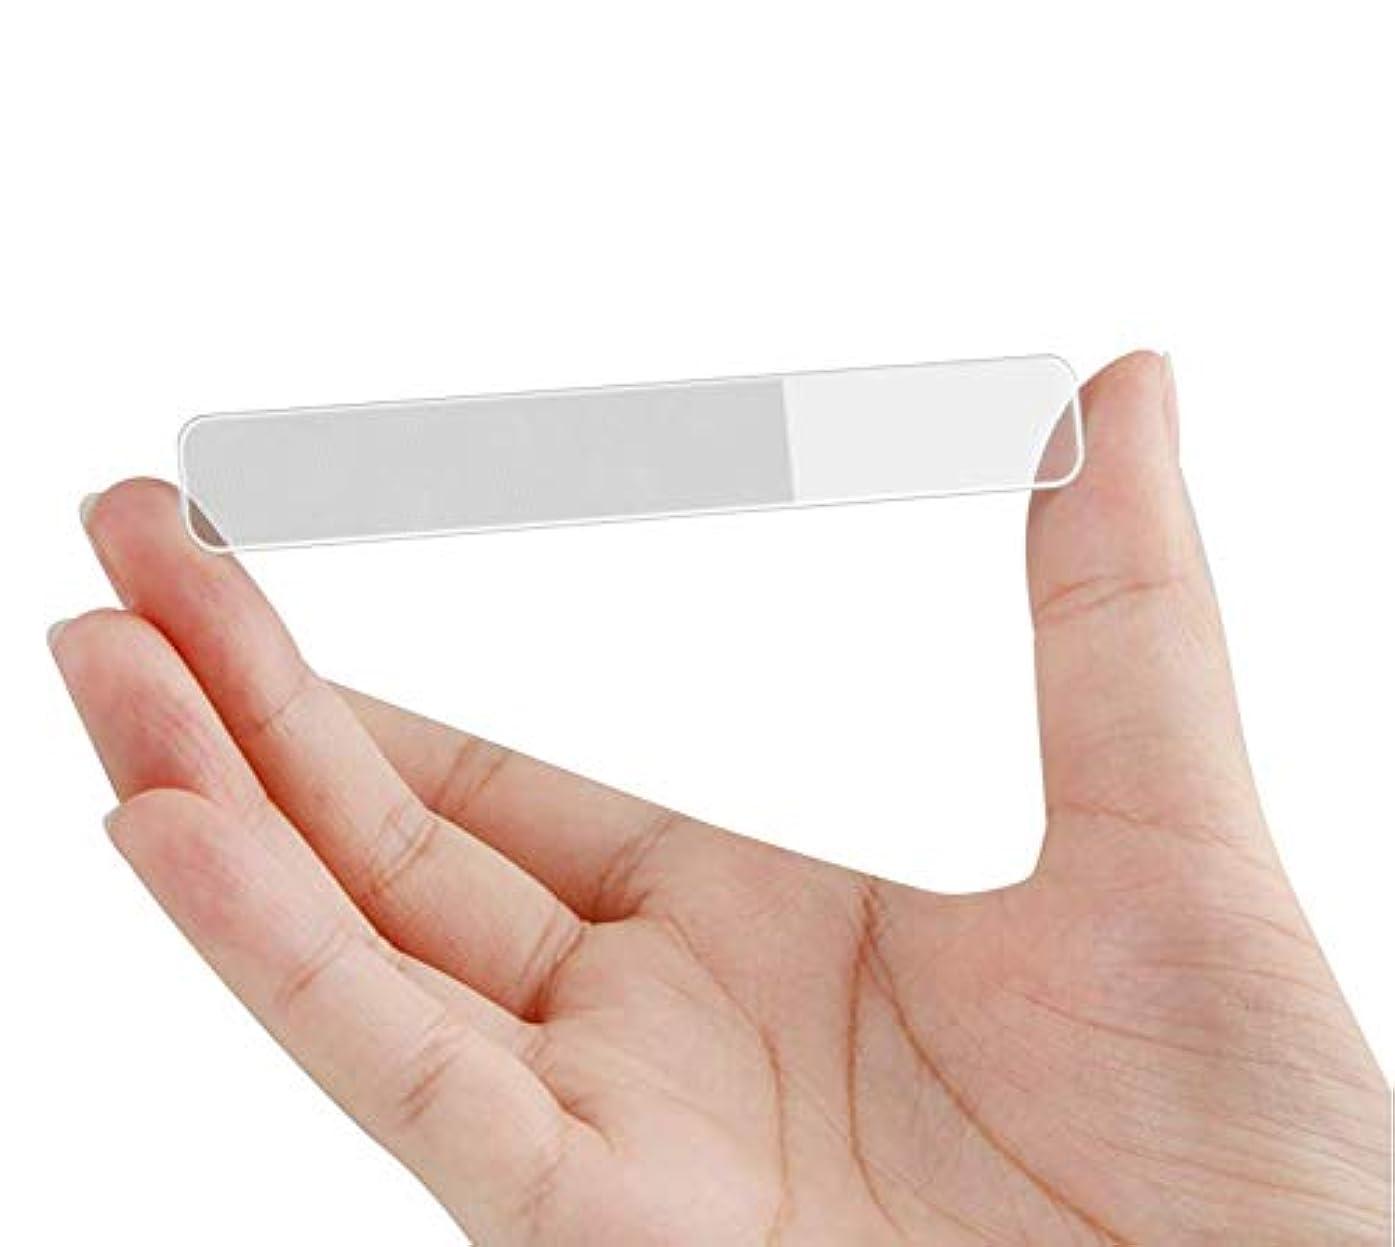 単なるスペース輸血MX 爪やすり 爪磨き ガラス製 (スタイル A)